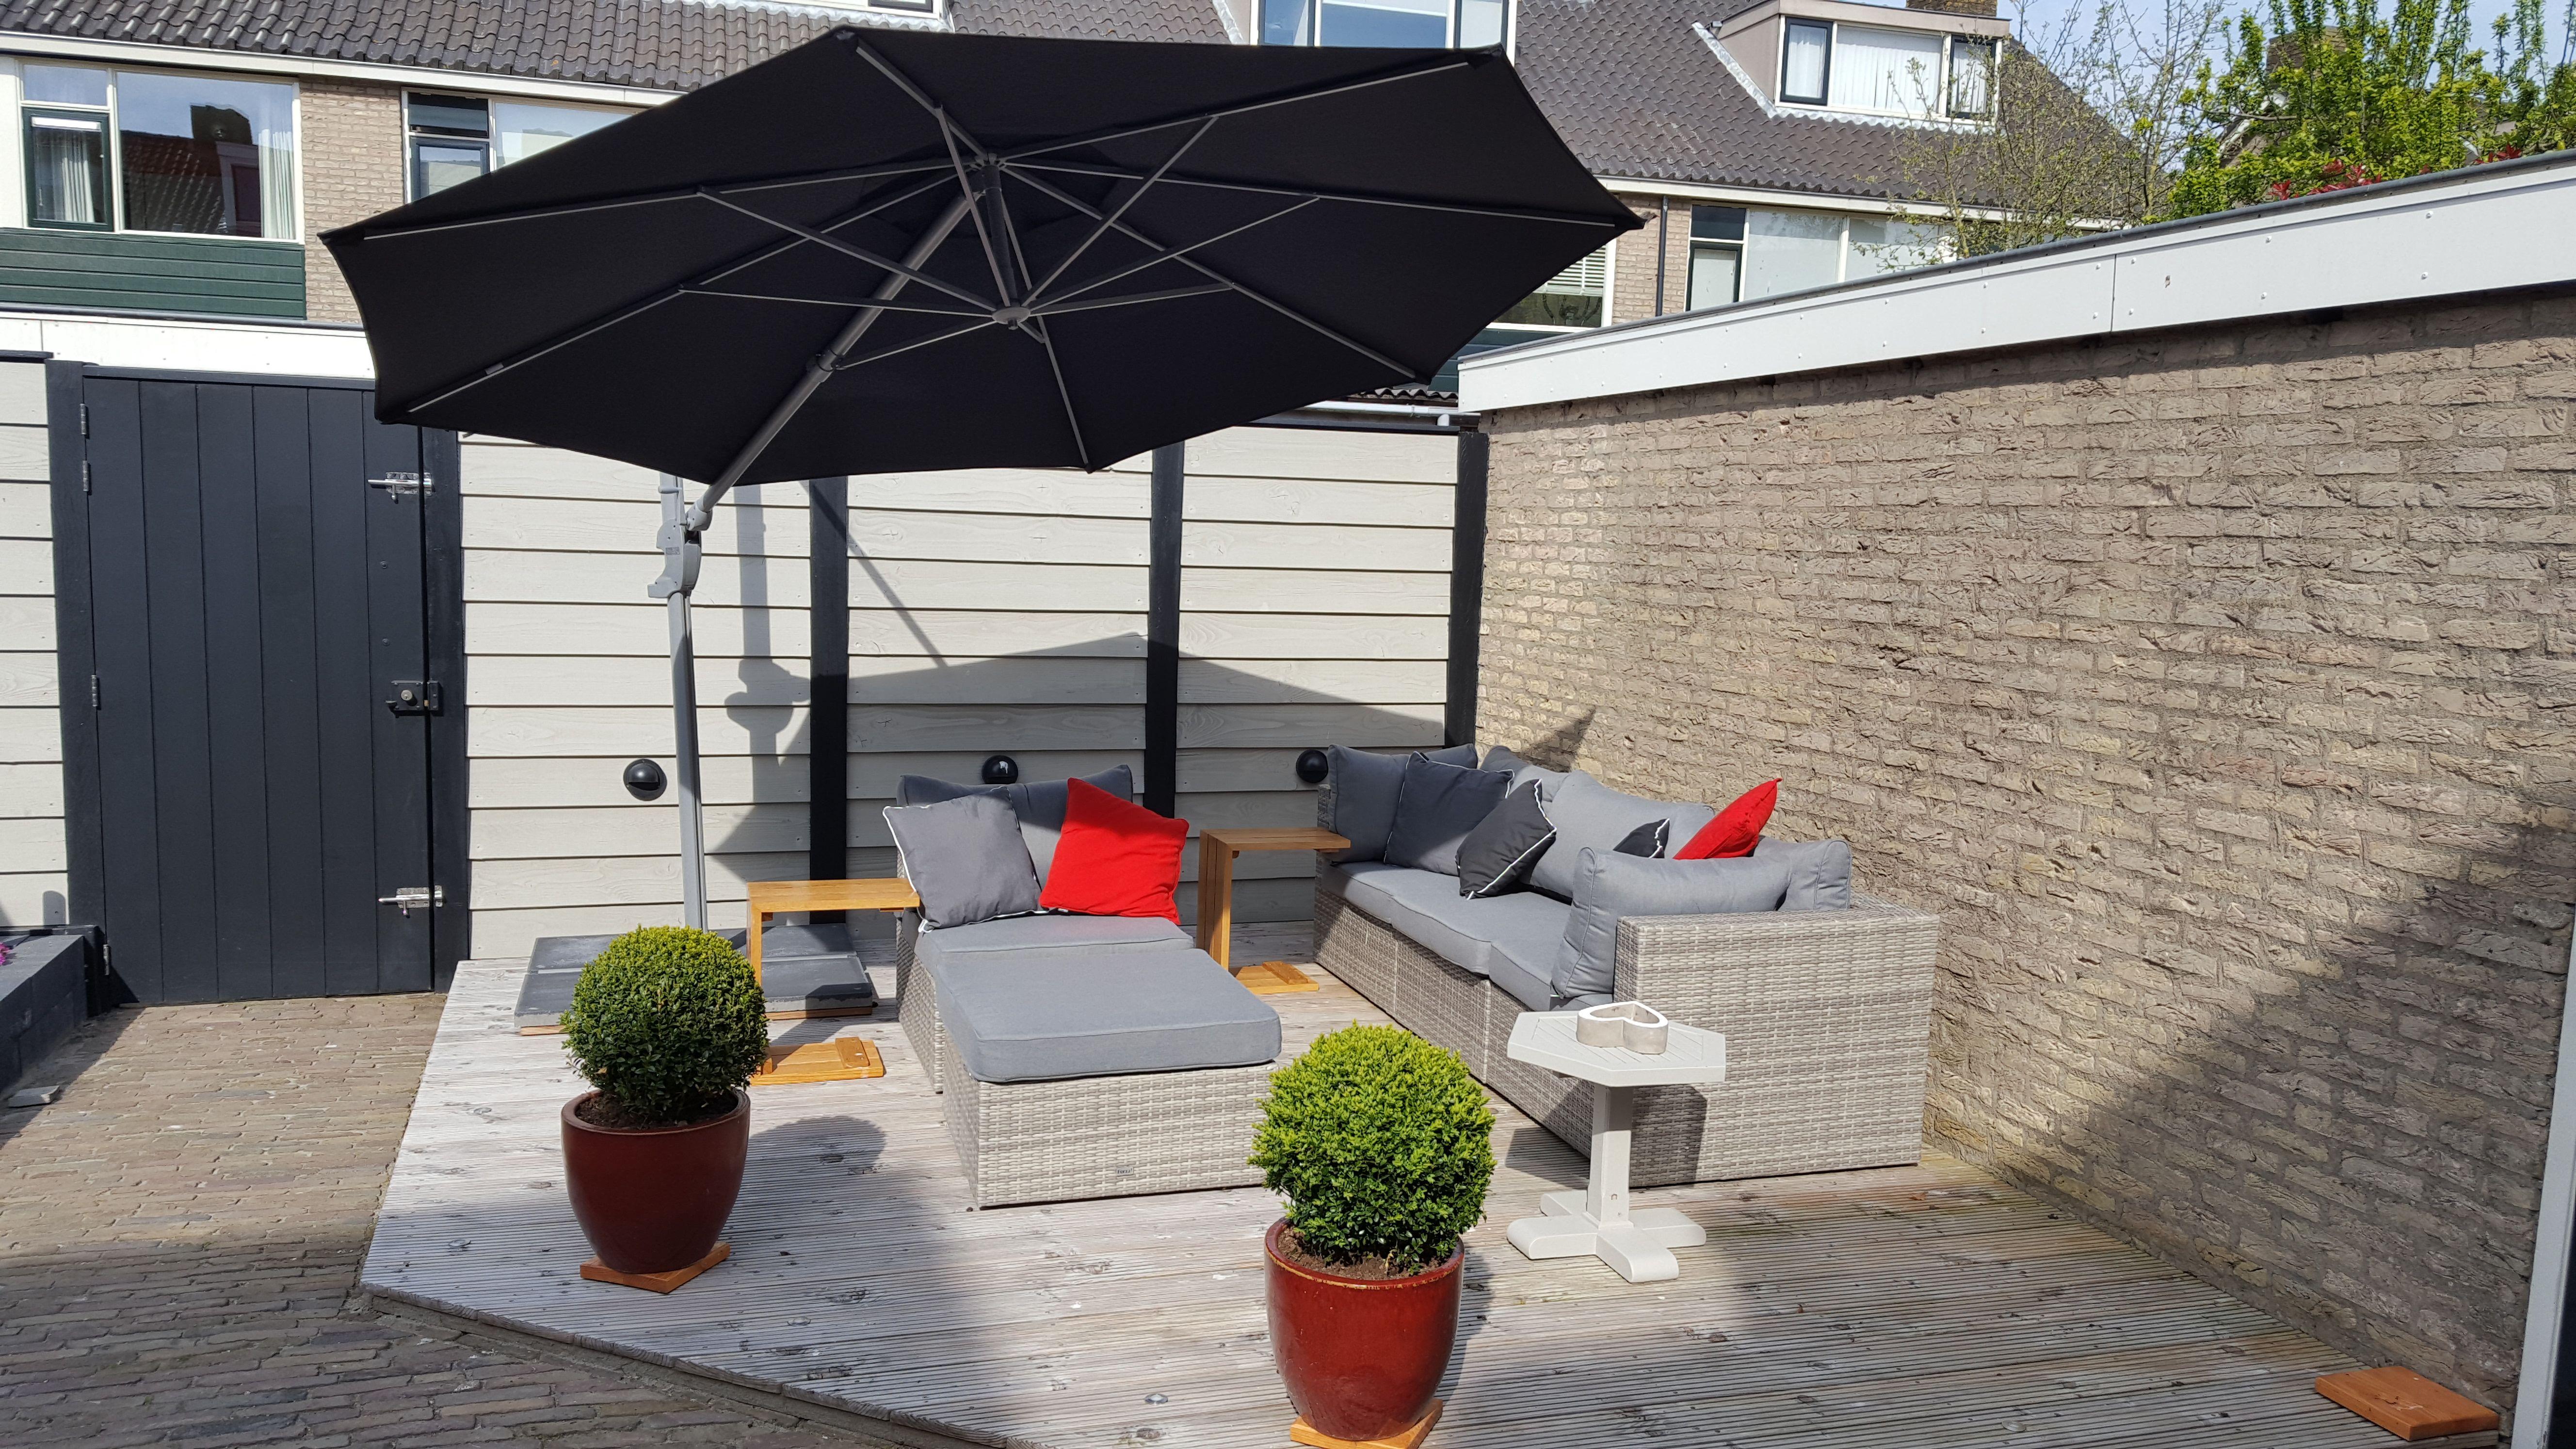 Zwarte zweefparasol onder een grijze loungeset met - Kees smit gartenmobel ...